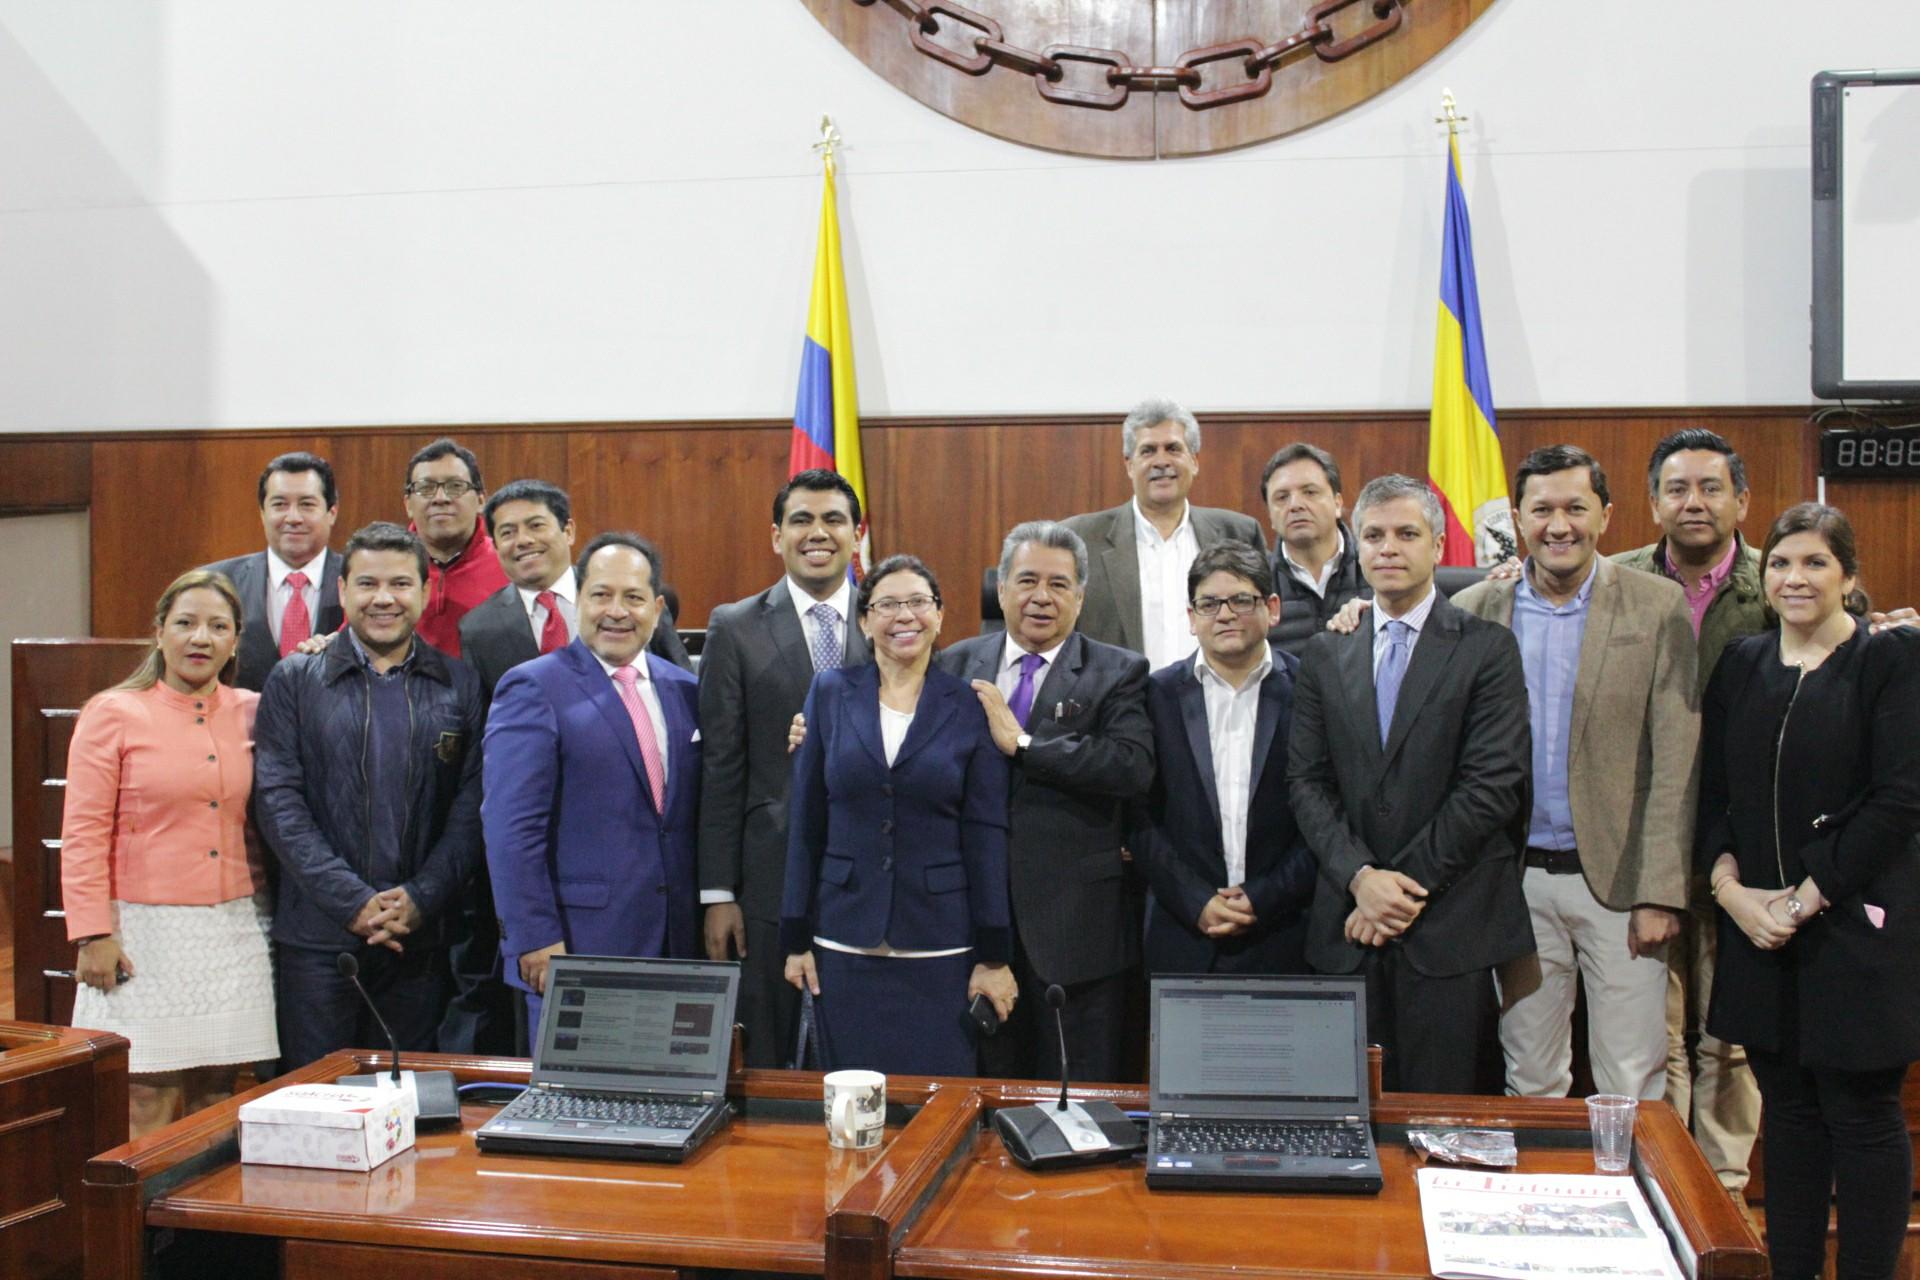 Al término de la sesión posaron la Asambla en plno junto con el alcalde de Soacha, Eleázar González.